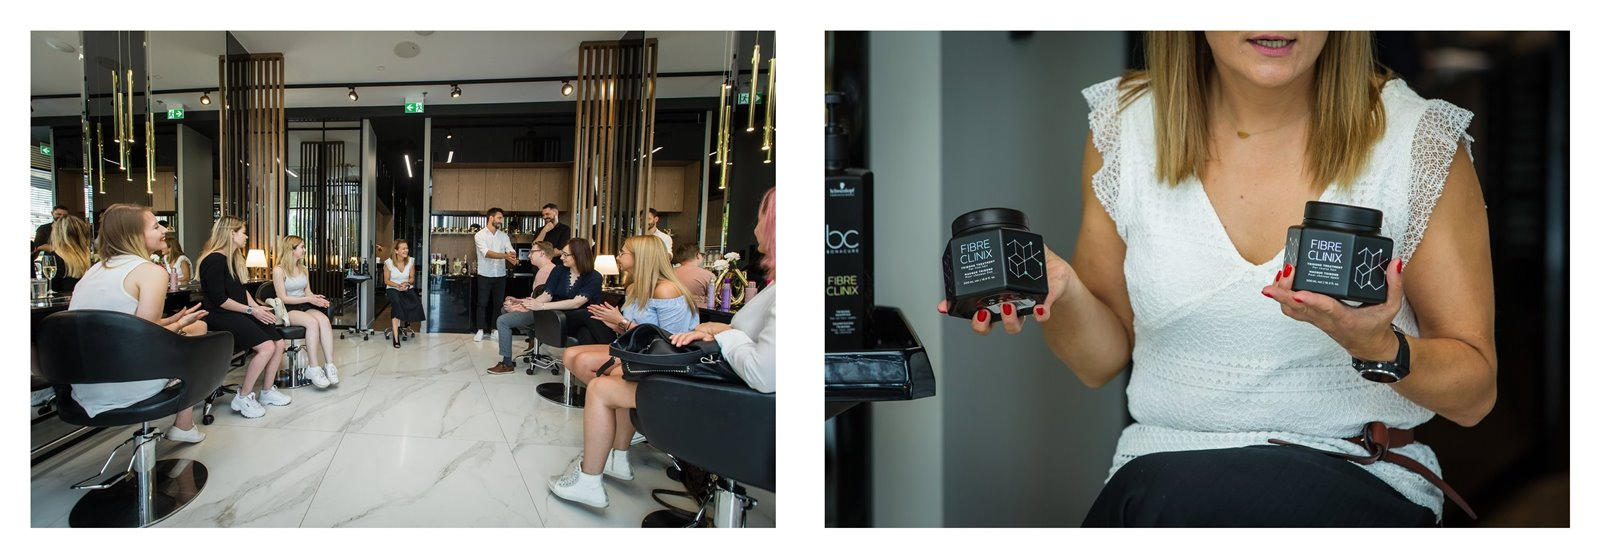 8 Event w łódzkim salonie fryzjerskim LUISSE na temat pielęgnacji BC FIBRE CLINIX Schwarzkopf Professional. Salon fryzjerski Łódź - moja opinia na temat produktów BC Fibre Clinix.